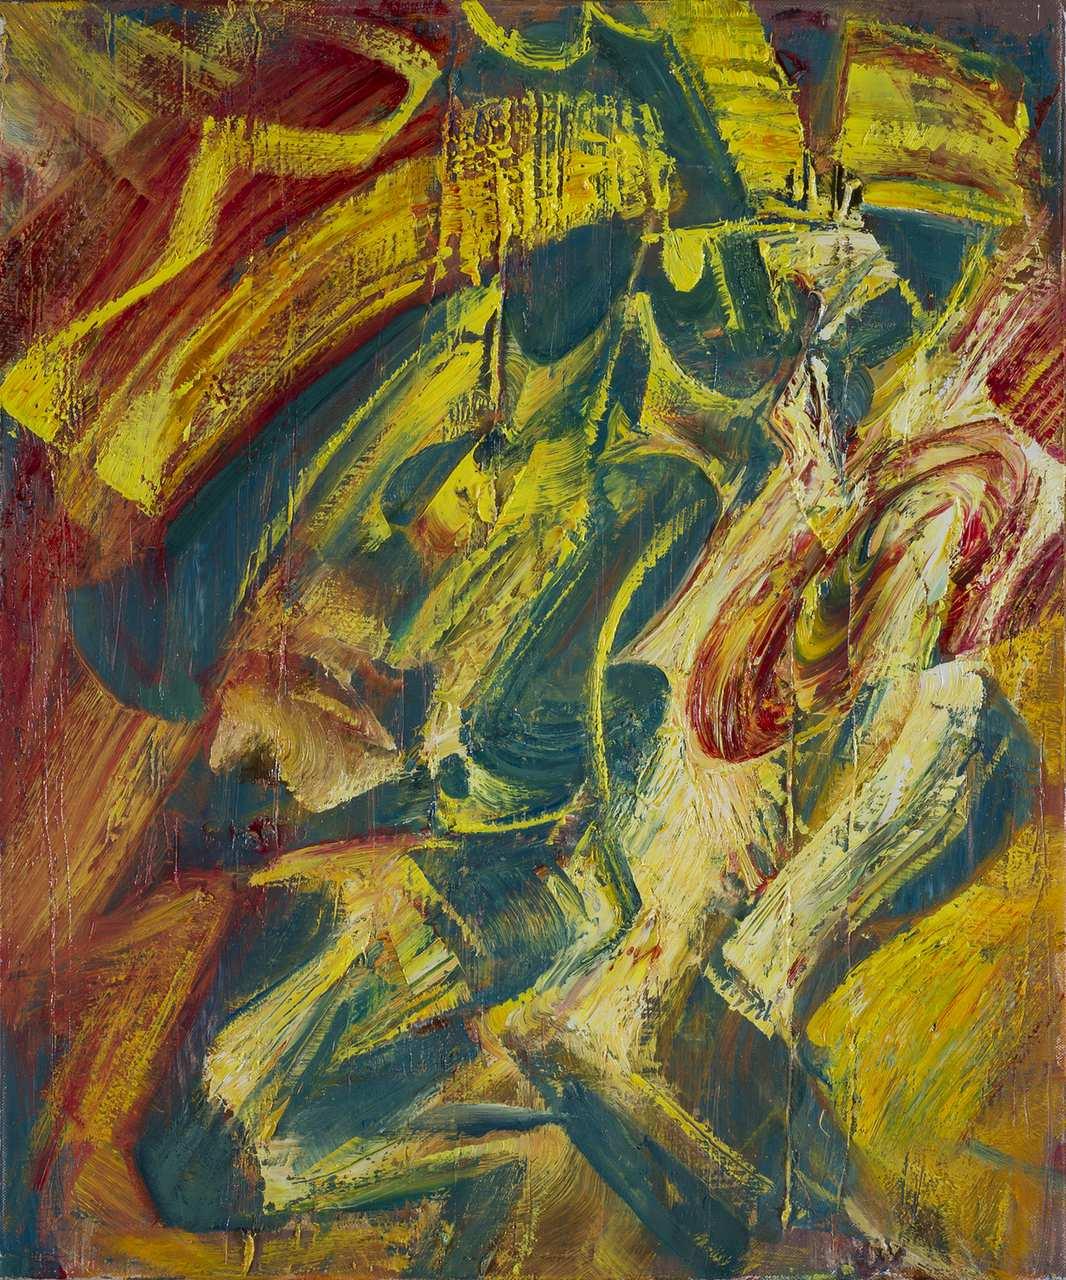 Royal, oil on canvas, 50 x 60 cm, 2017